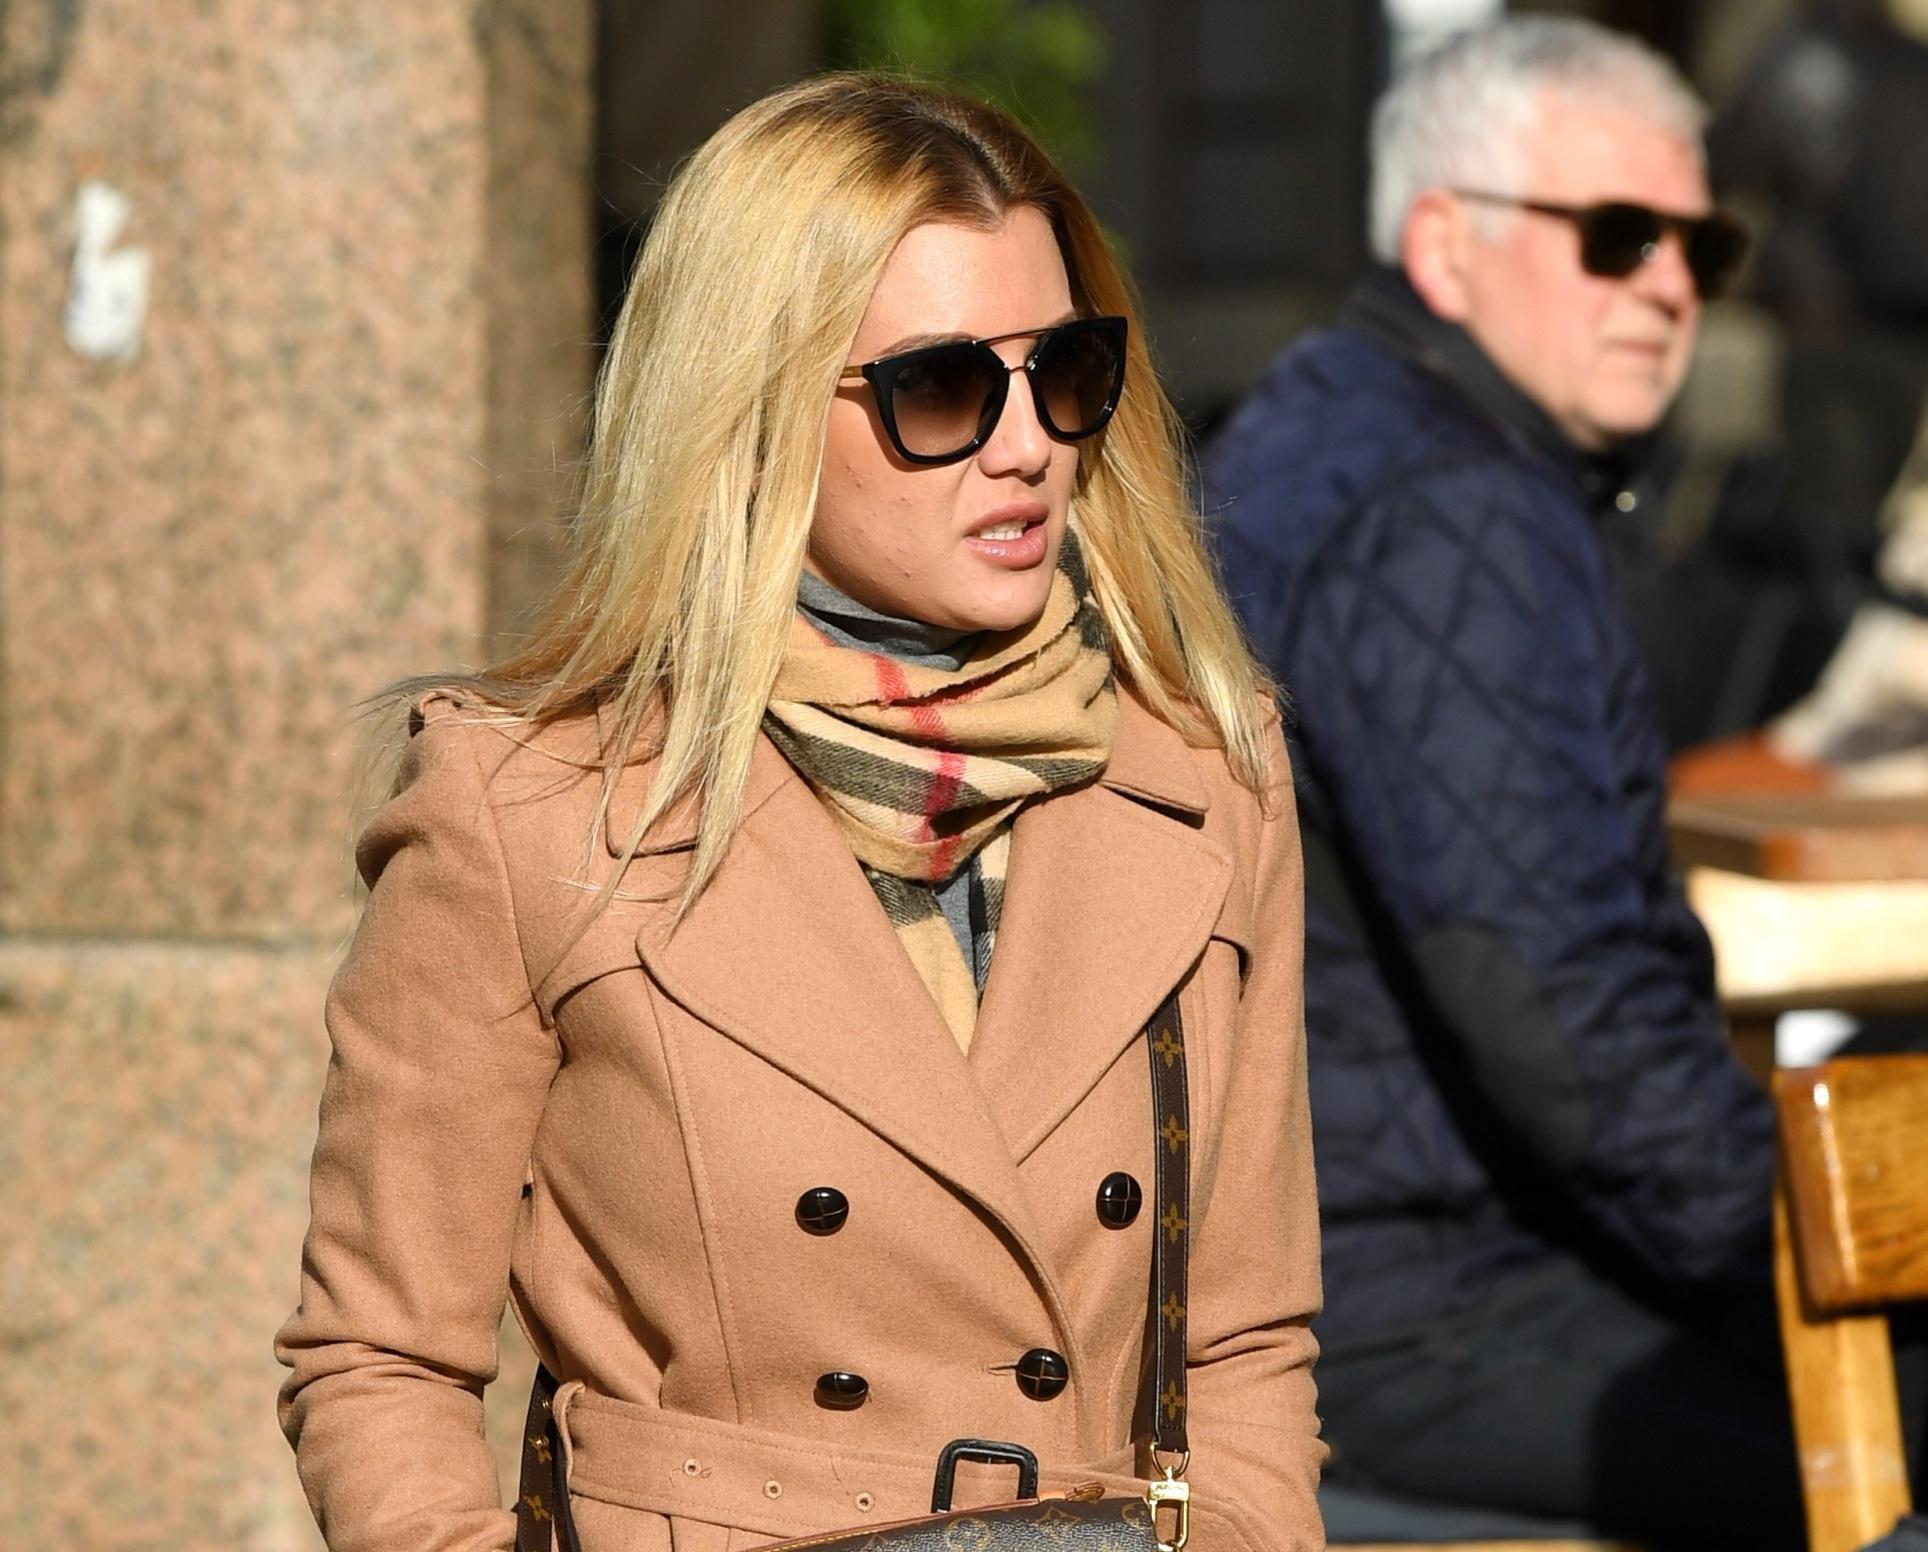 Lijepa plavuša sa zagrebačke špice zna da se s klasikom ne može pogriješiti